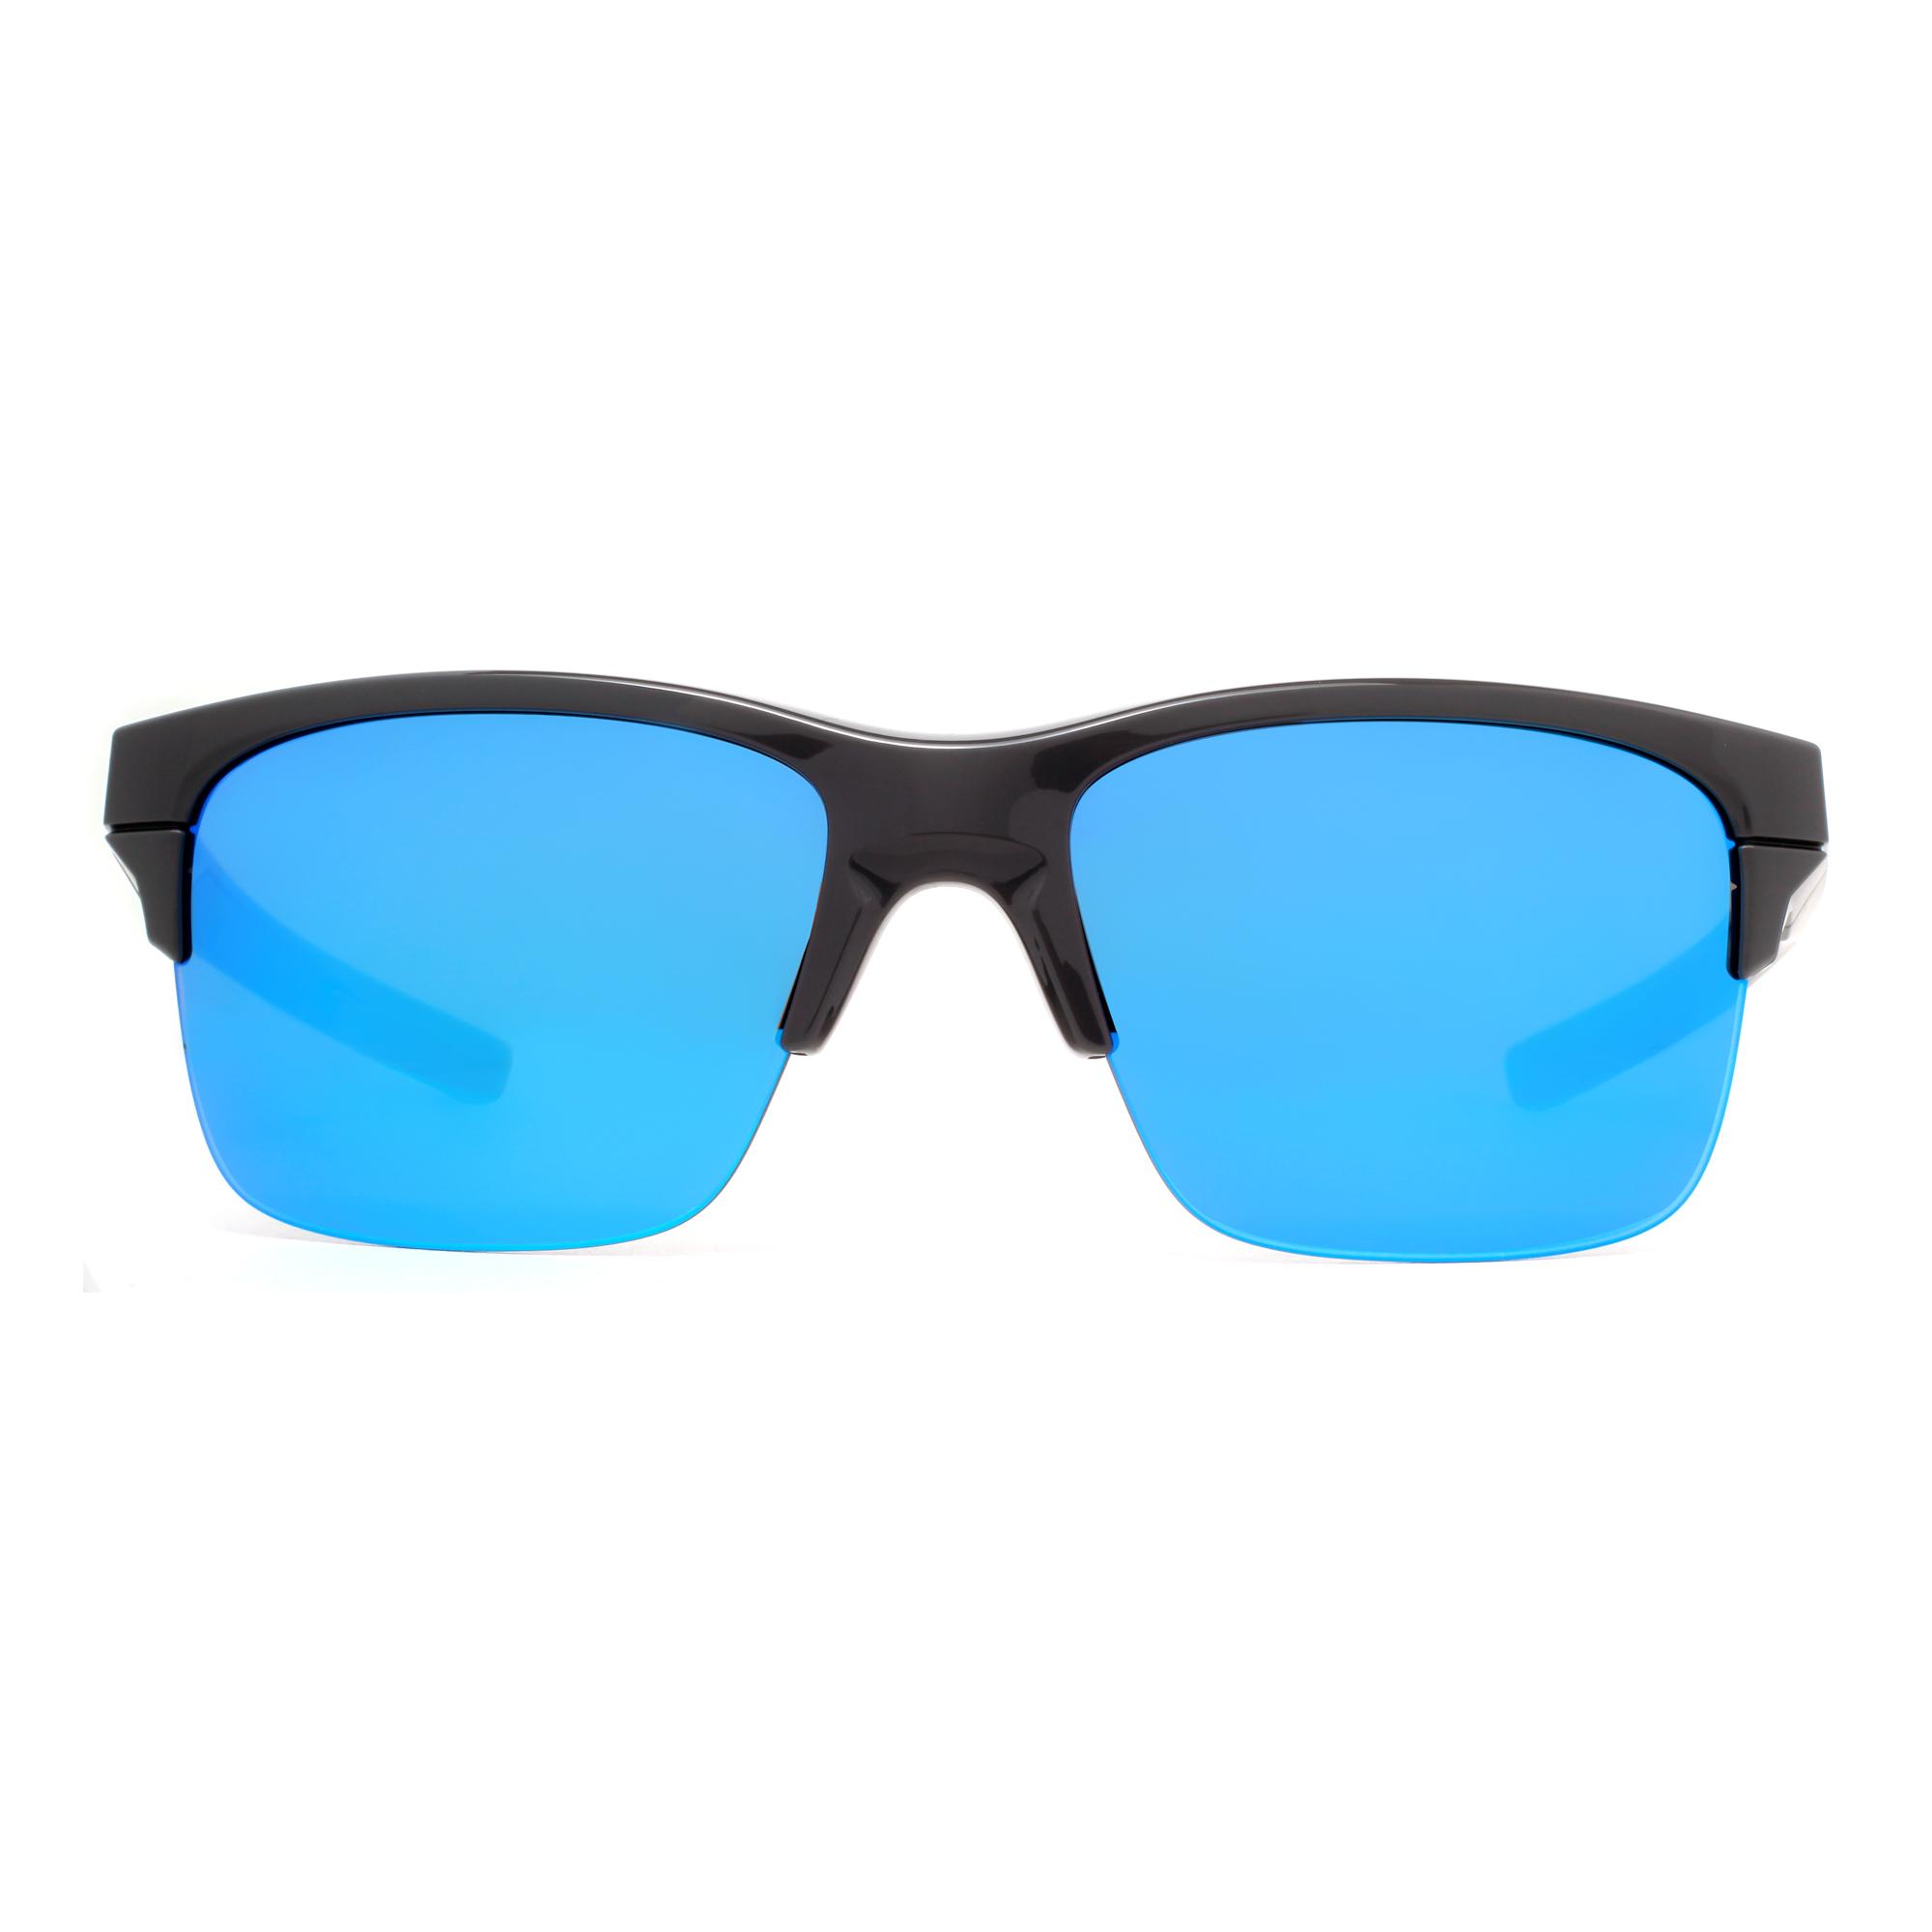 Oakley Thinlink OO9316 Men's Sport Sunglasses | eBay